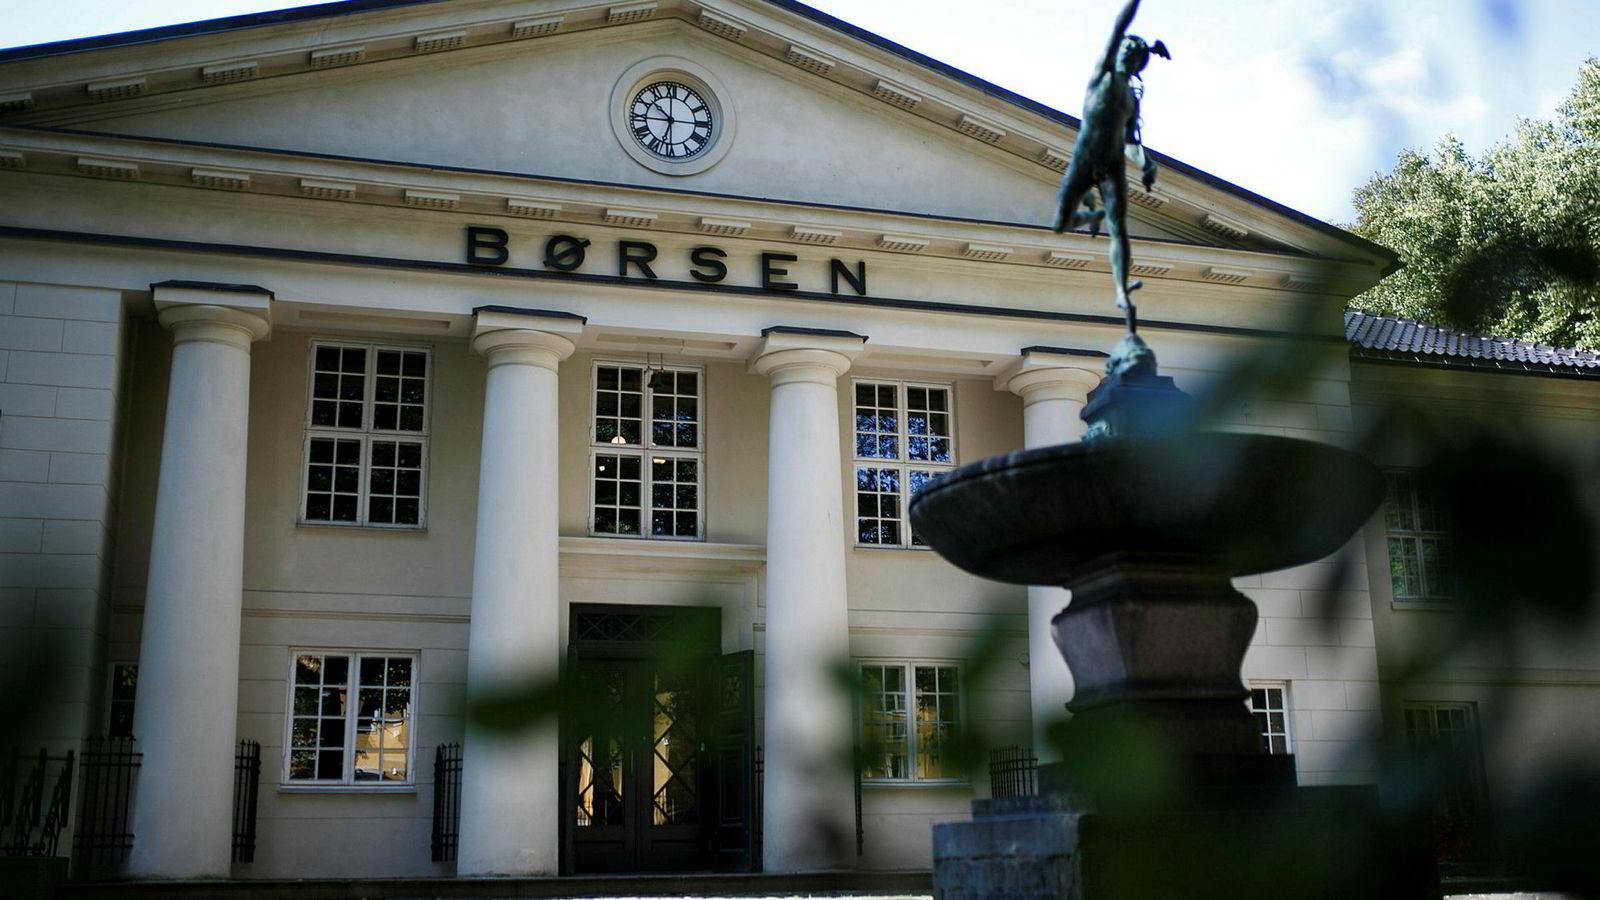 Det er ikke alltid like enkelt å forutsi kursutviklingen for selskapene som er notert på Oslo Børs.